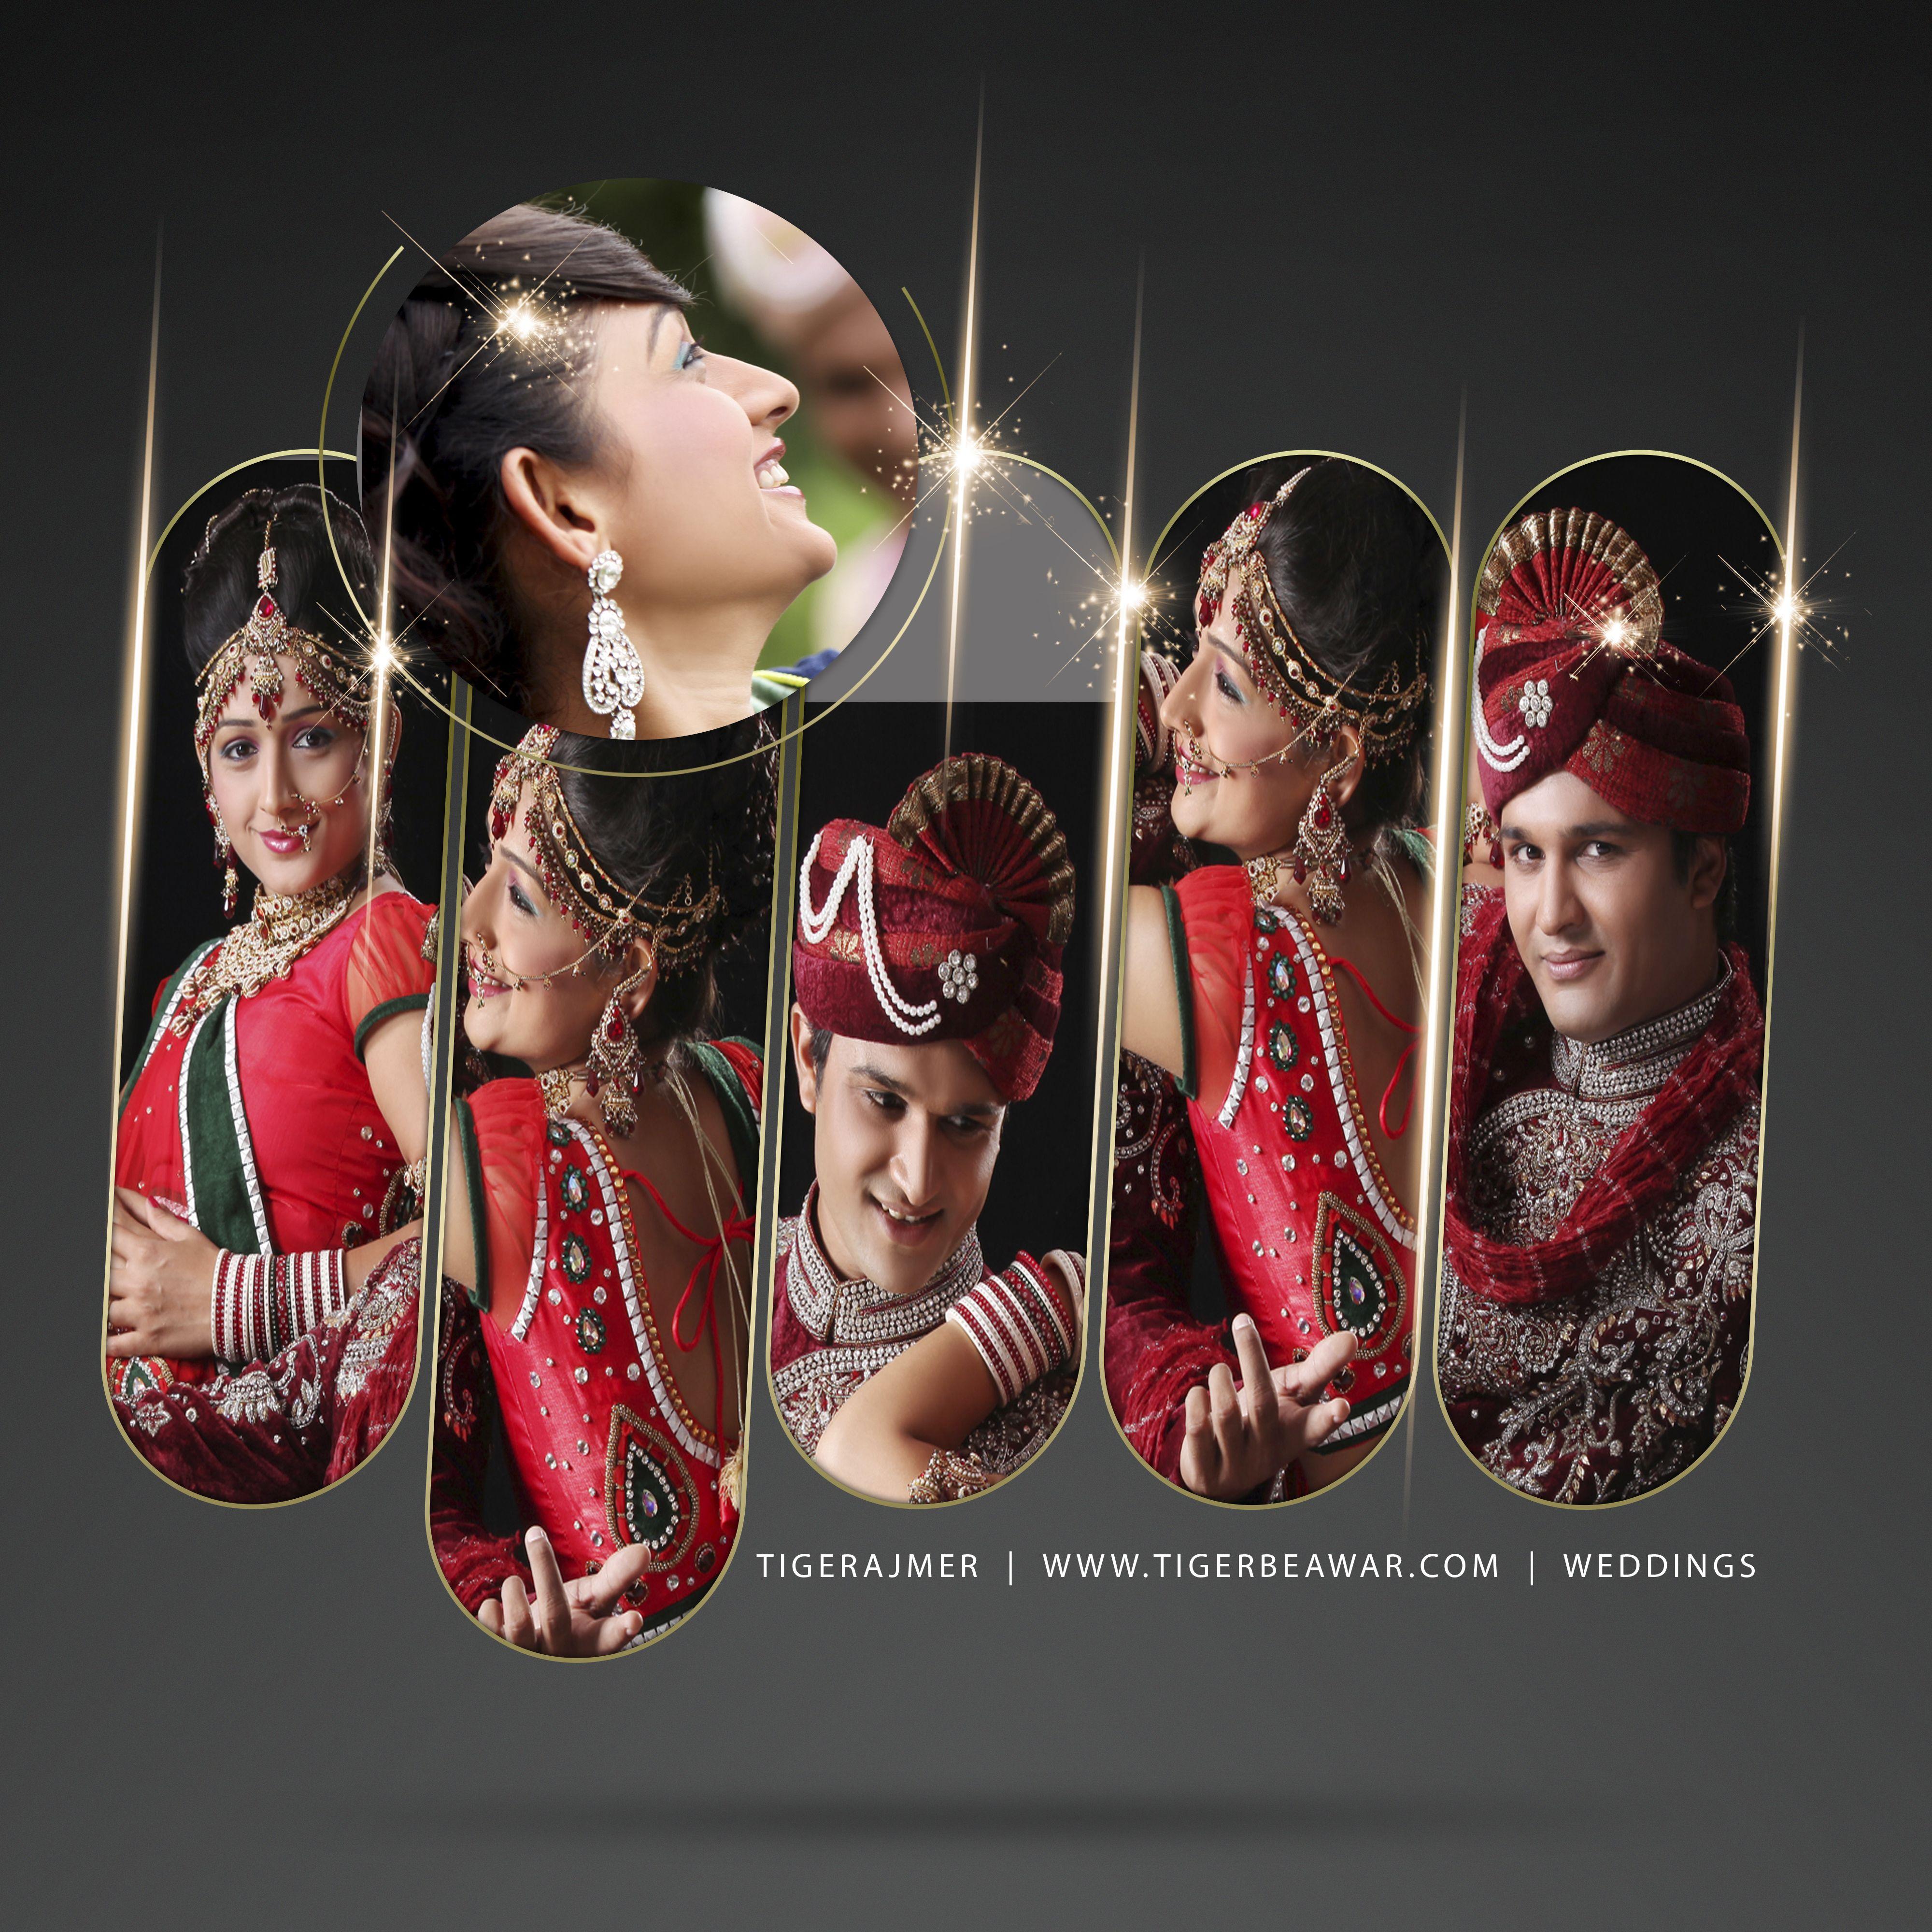 New Wedding Karizma Album Psd Designs Free Download 2020 In 2020 Wedding Album Cover Wedding Album Cover Design Free Psd Design